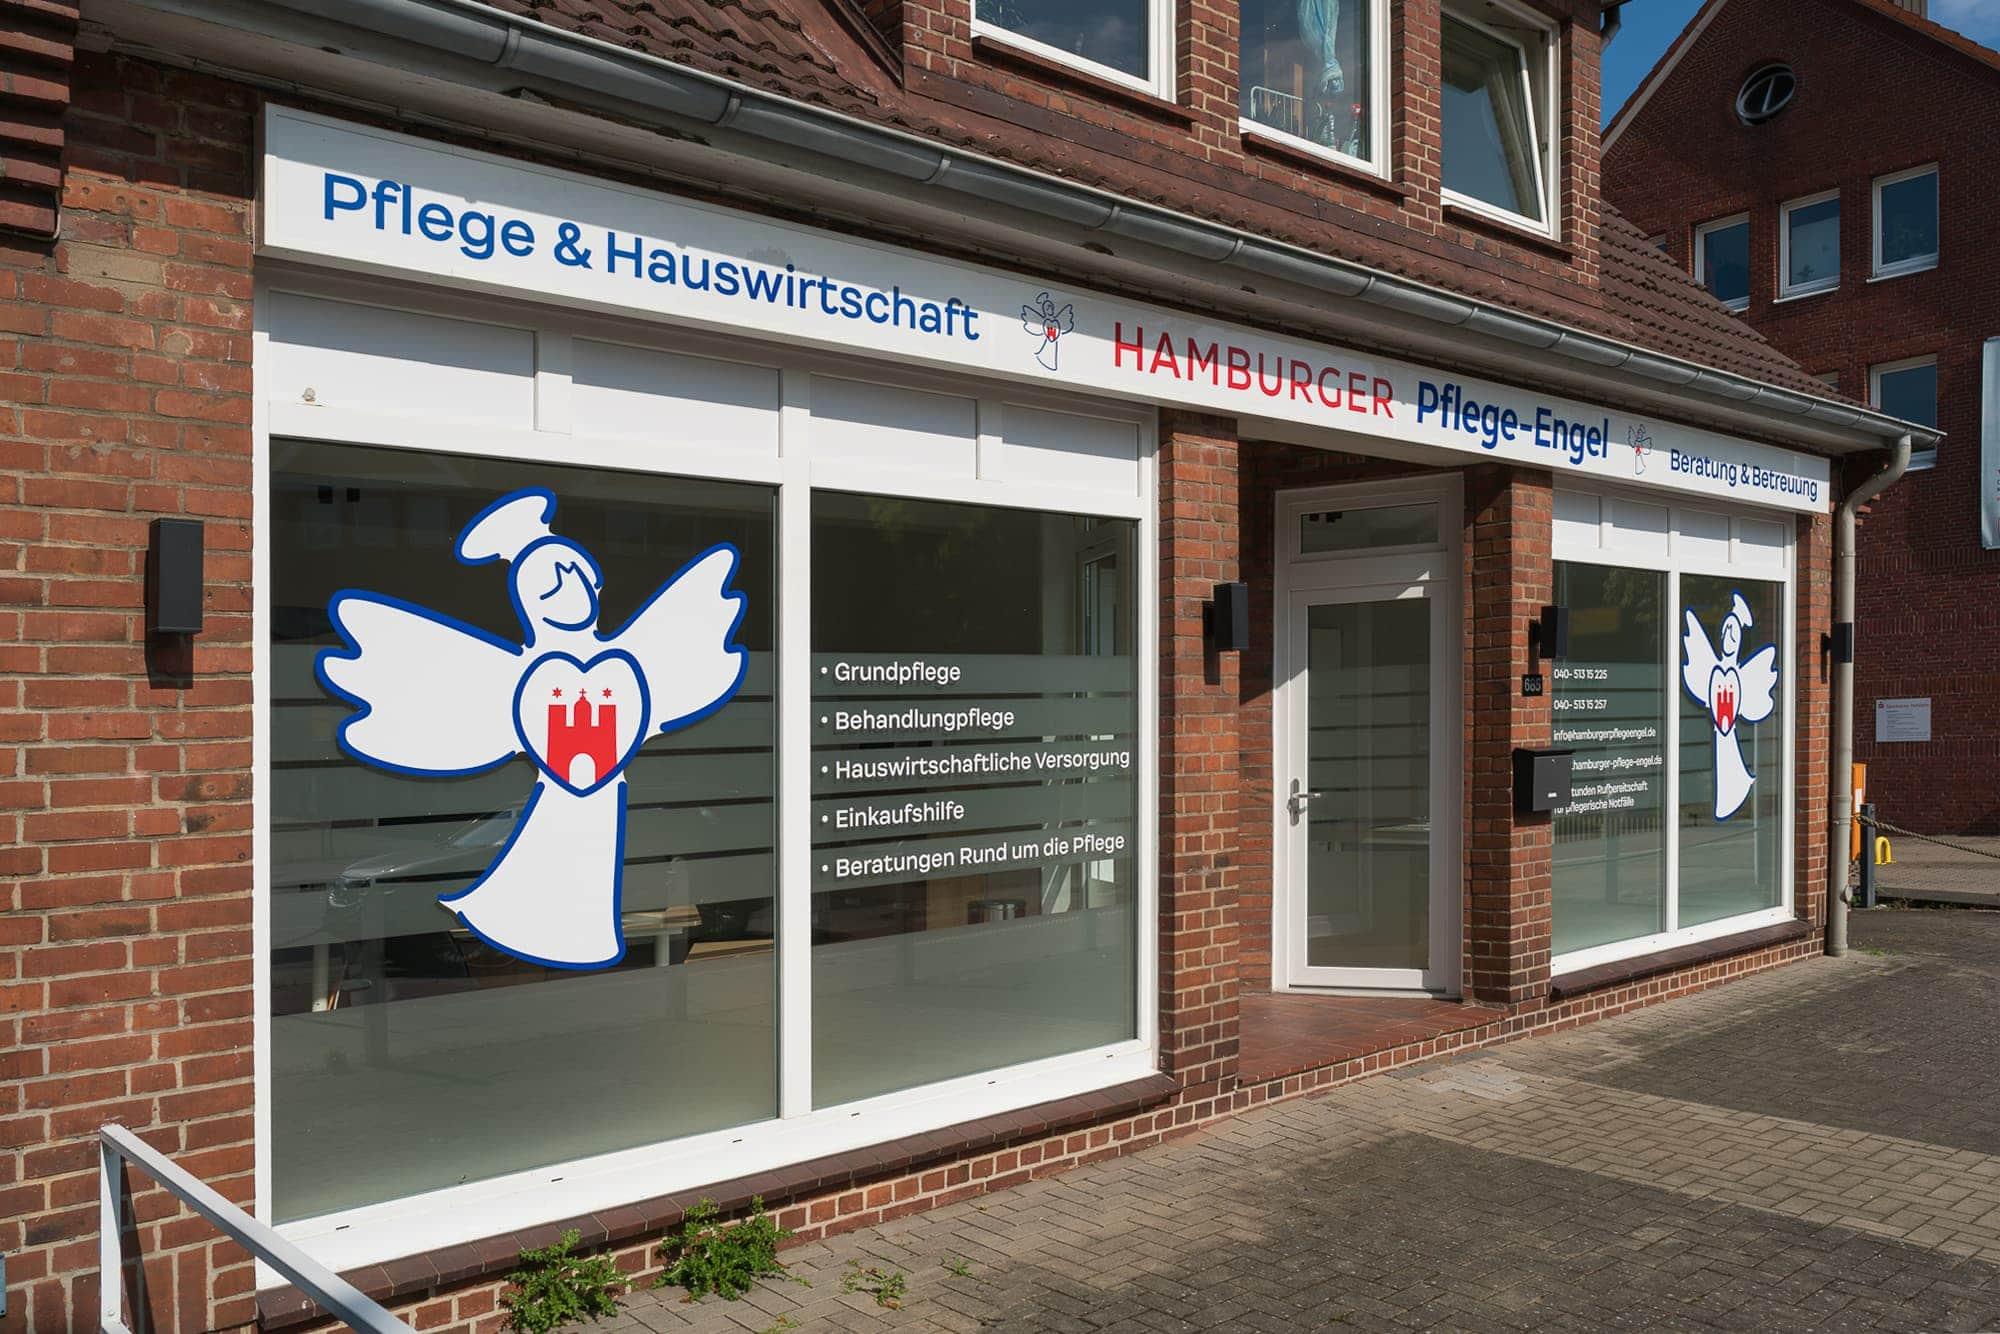 Das Foto zeigt eine Außenwerbung für ein Hamburger Pflege Unternehmen. Leuchttransparent in Verbindung mit Schaufensterbeschriftung